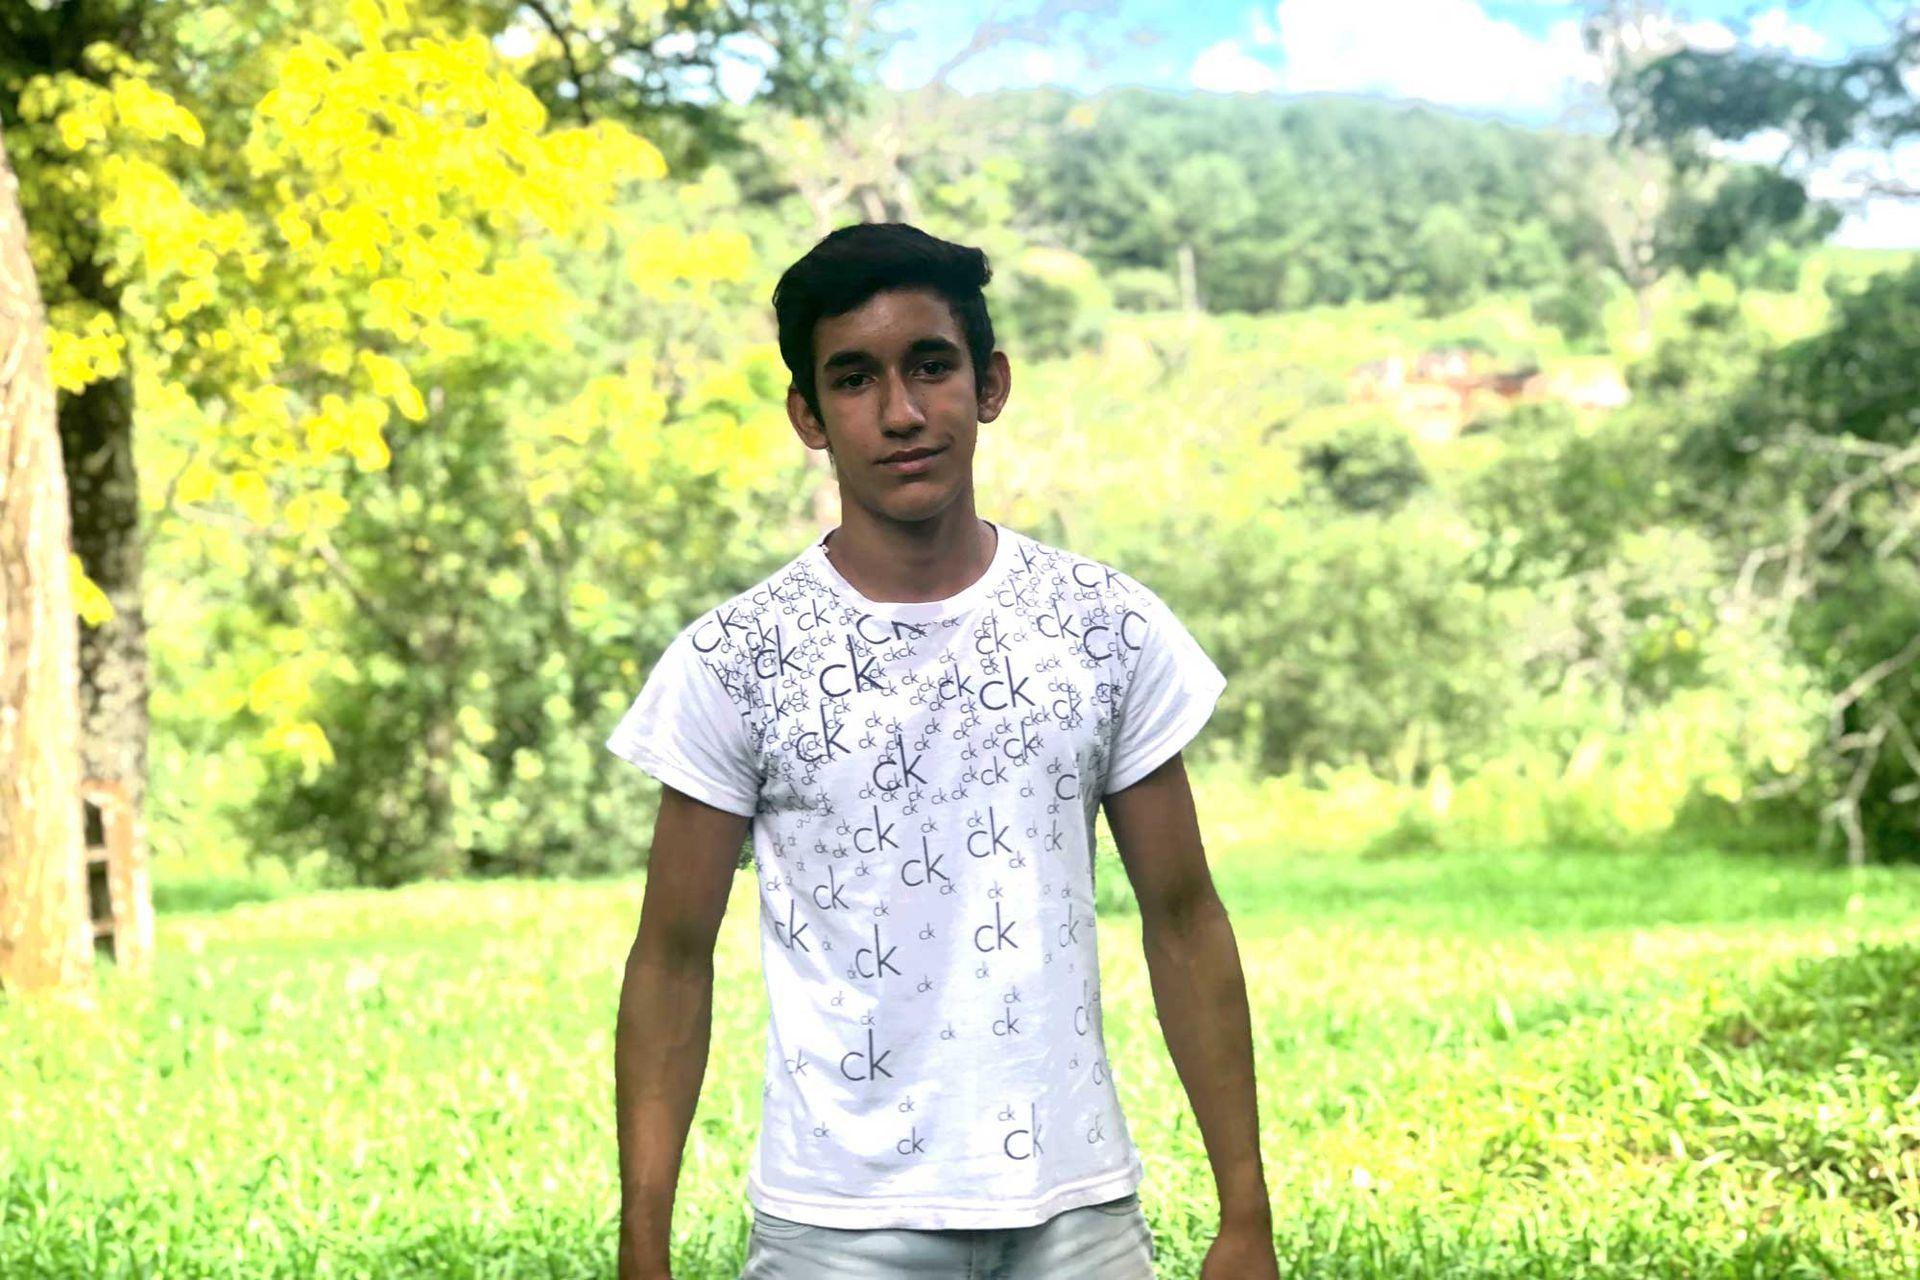 Santiago Souza vive en Villa Cooperativa, Misiones; su sueño es mudarse a Buenos Aires para estudiar Medicina